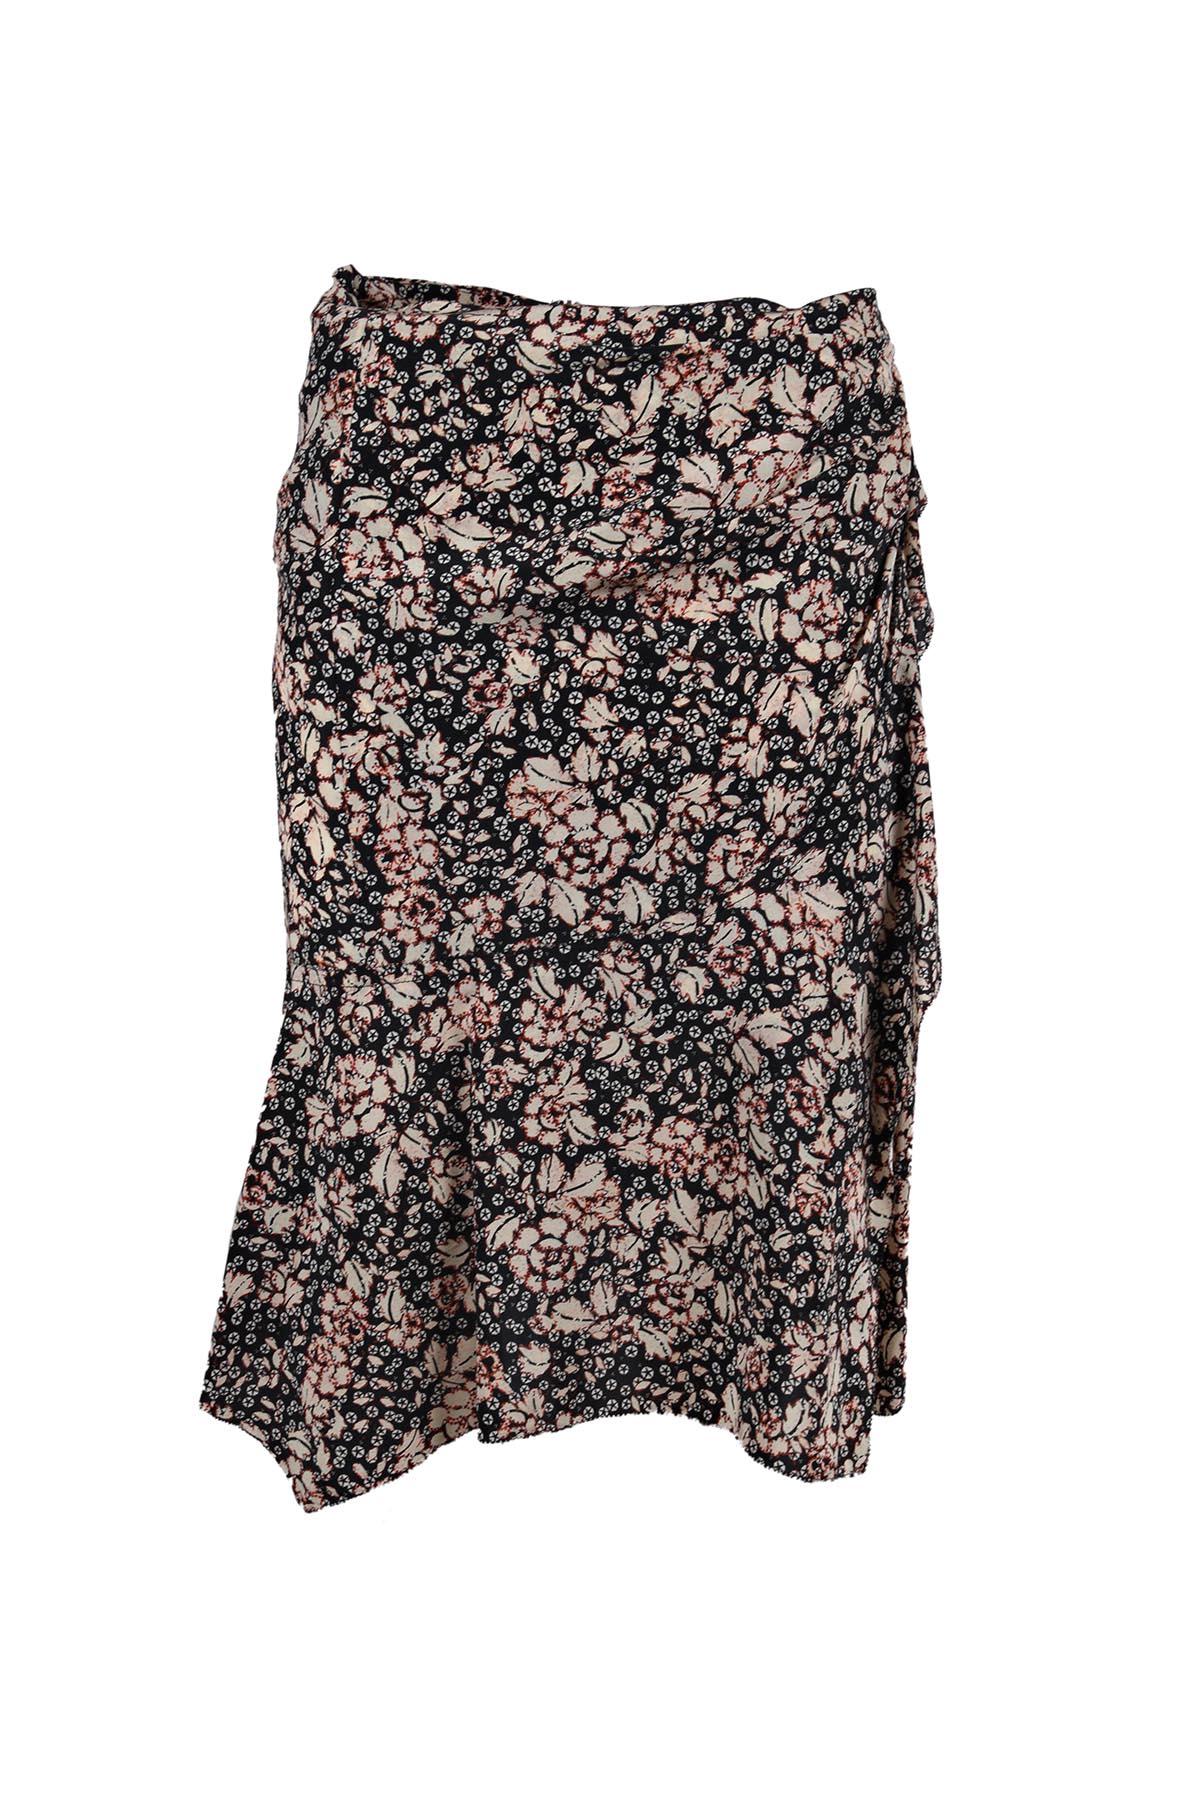 Isabel Marant Becka Skirt